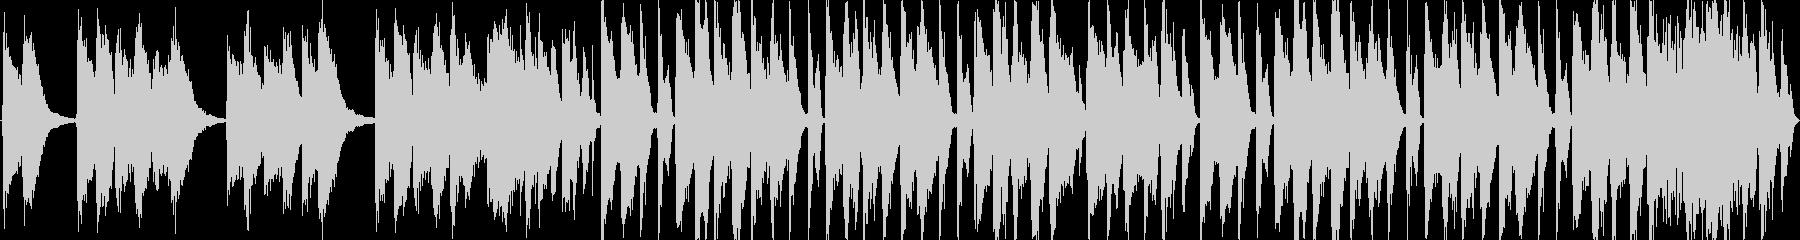 【ポップピアノ×ブレイクビート】の未再生の波形